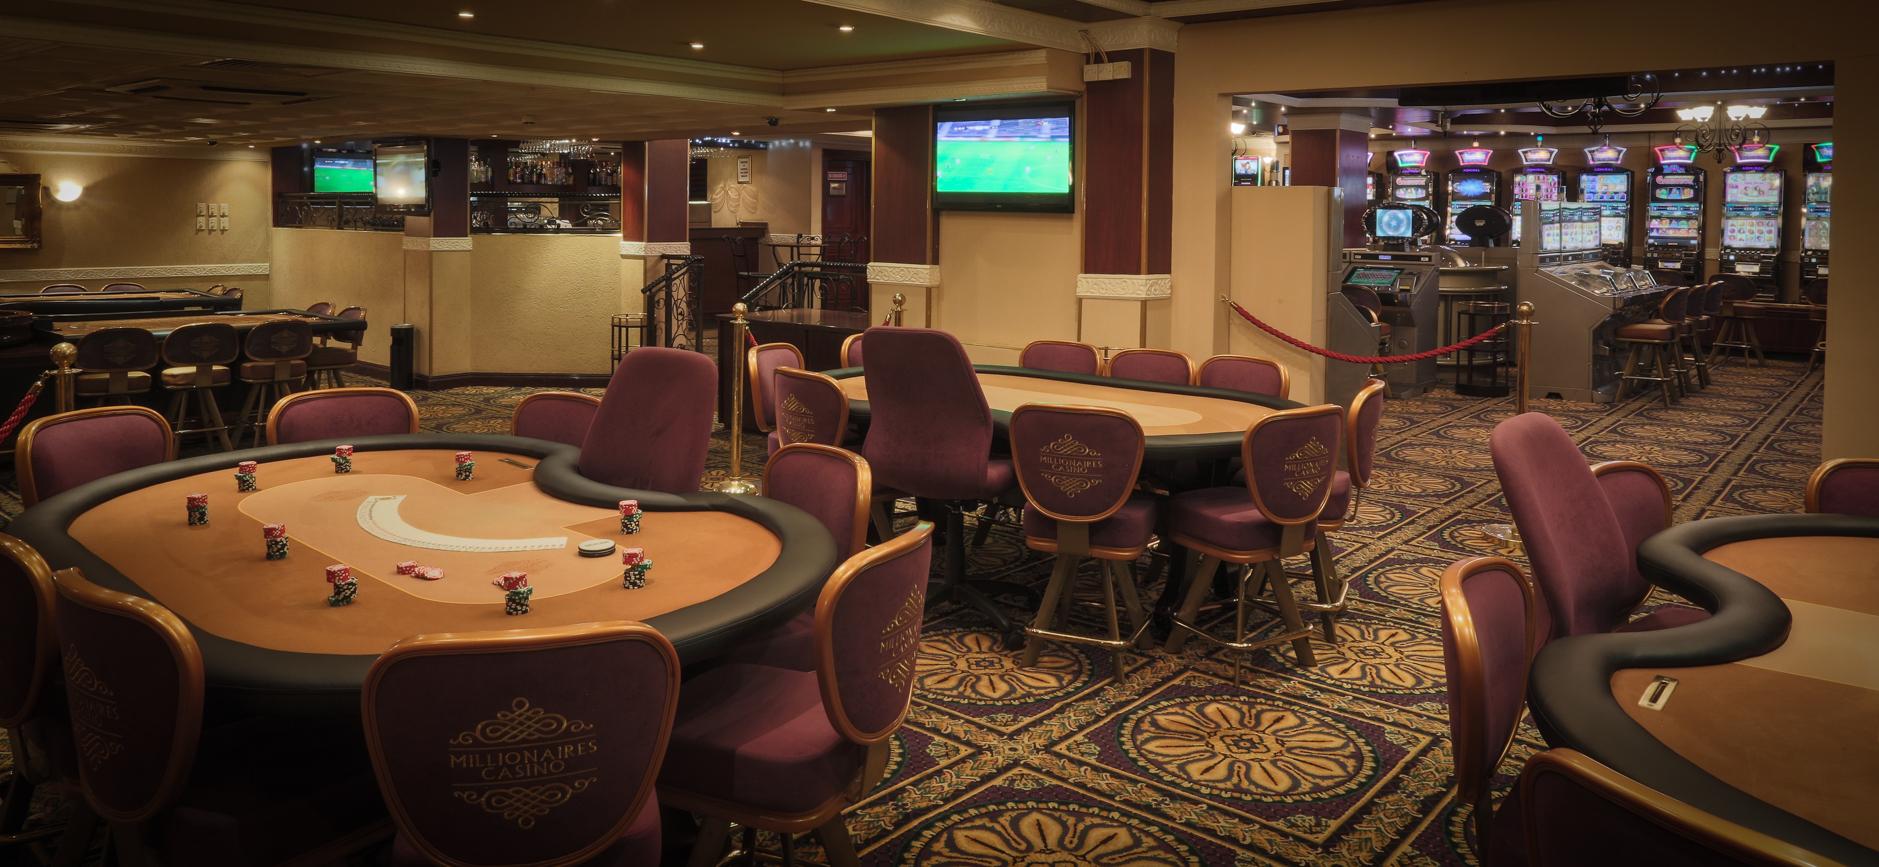 Millionare casino charity casino ontario